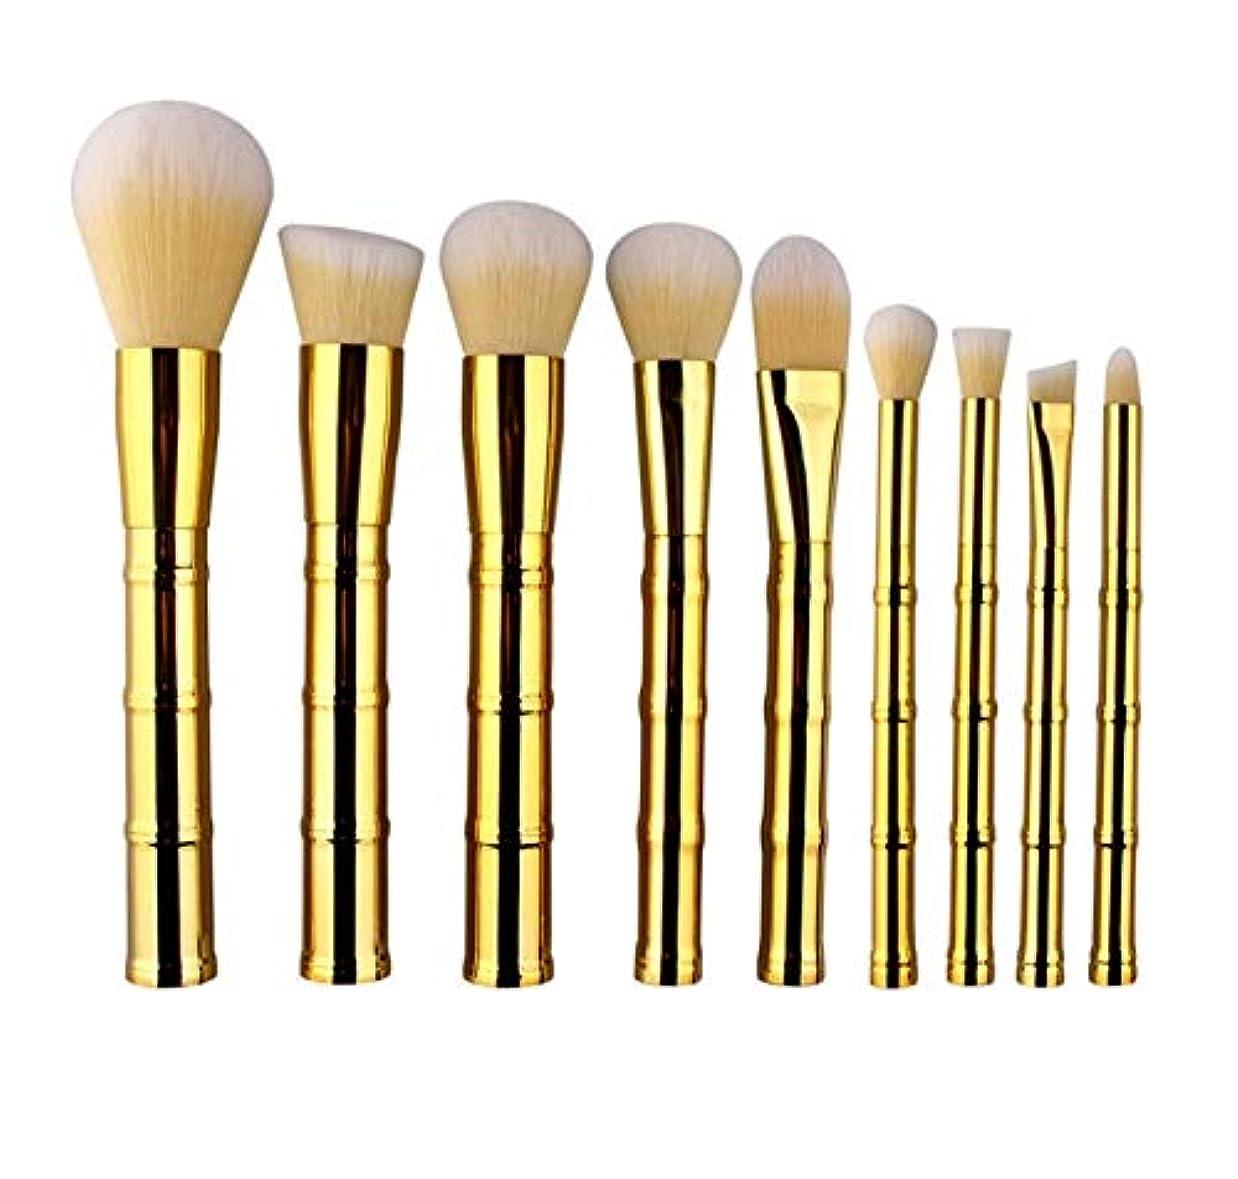 目を覚ますチェスをする症候群化粧ブラシセット、9竹タイプファンデーションブラシ、ブラッシュブラシ、ルースパウダーブラシ、プロのメイクアップブラシメイクギフト (Color : ゴールド)